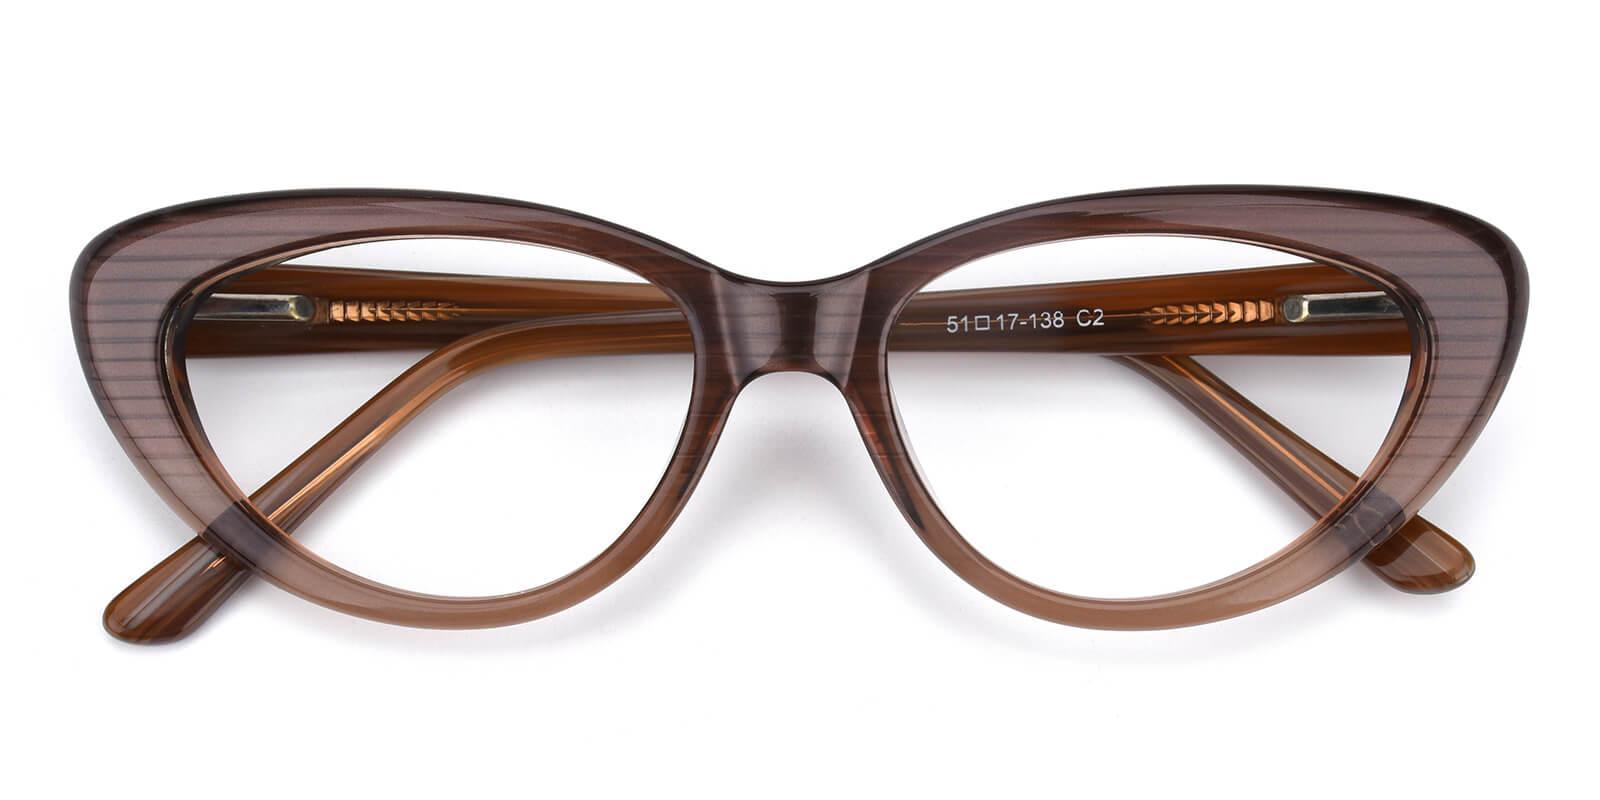 Retro-Cream-Cat-Acetate-Eyeglasses-detail